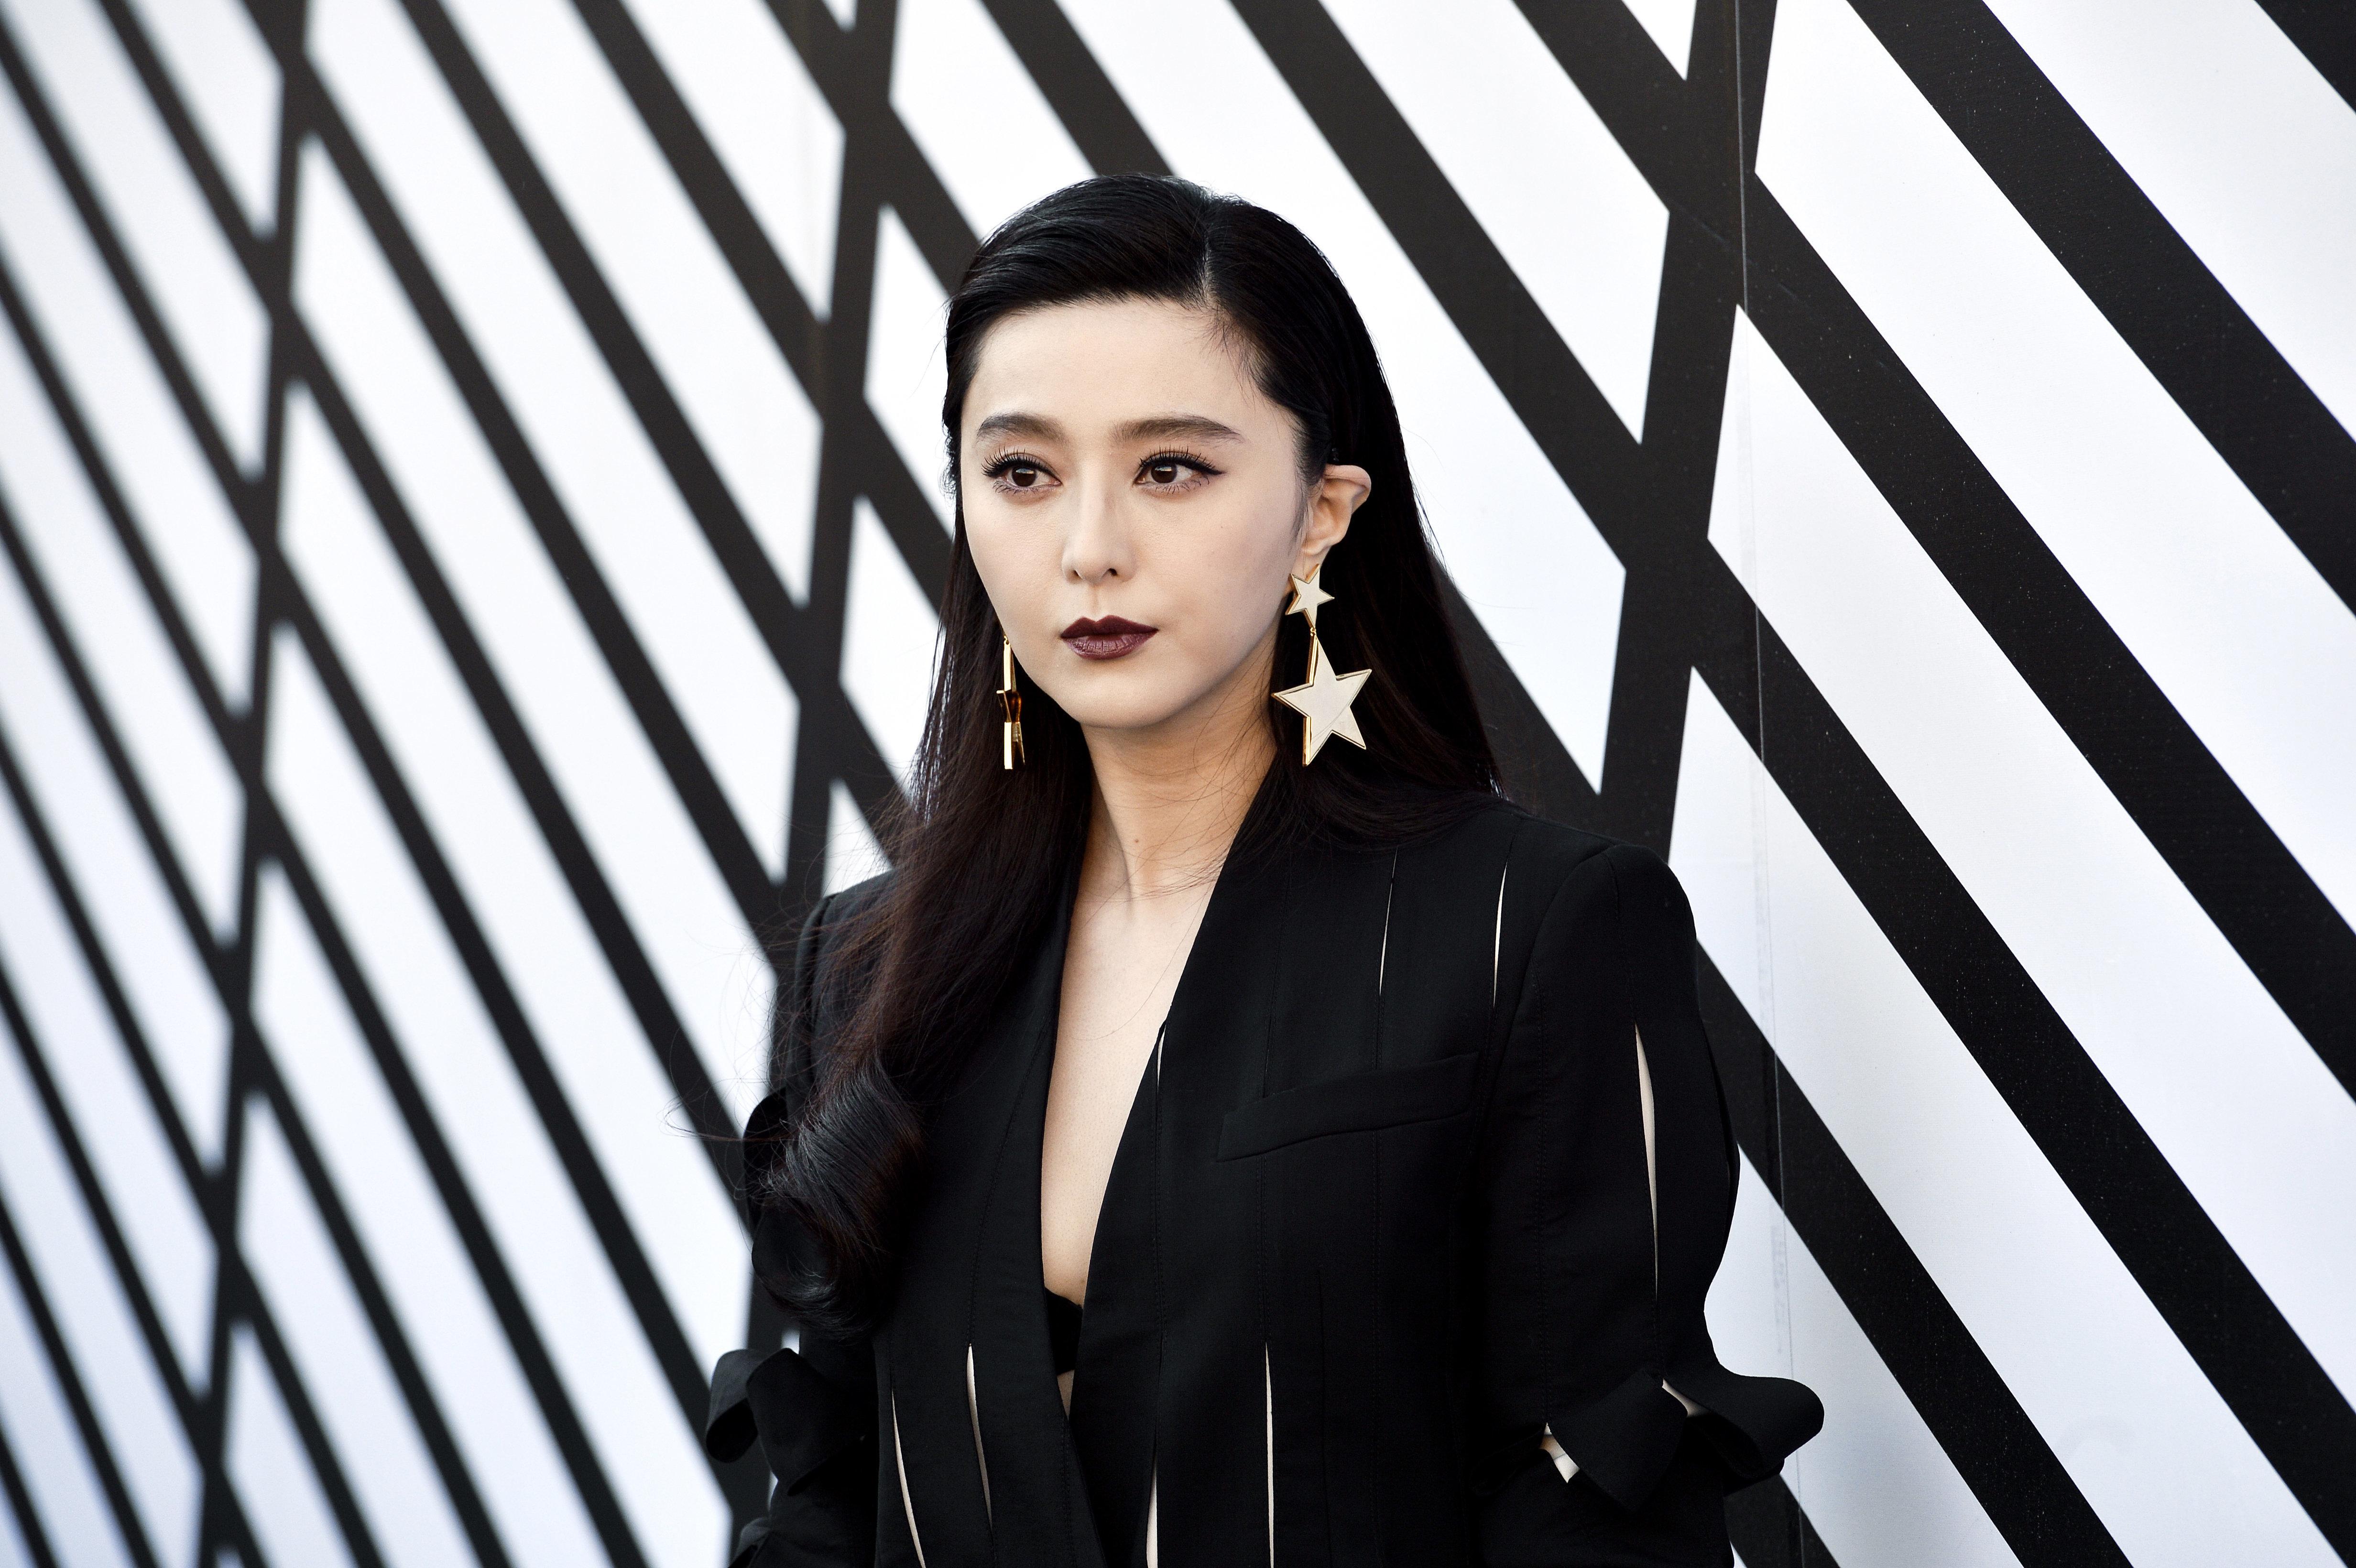 판빙빙은 올해 '중국 유명인 사회적 책임 수행'에서 최하위 평가를 받았다